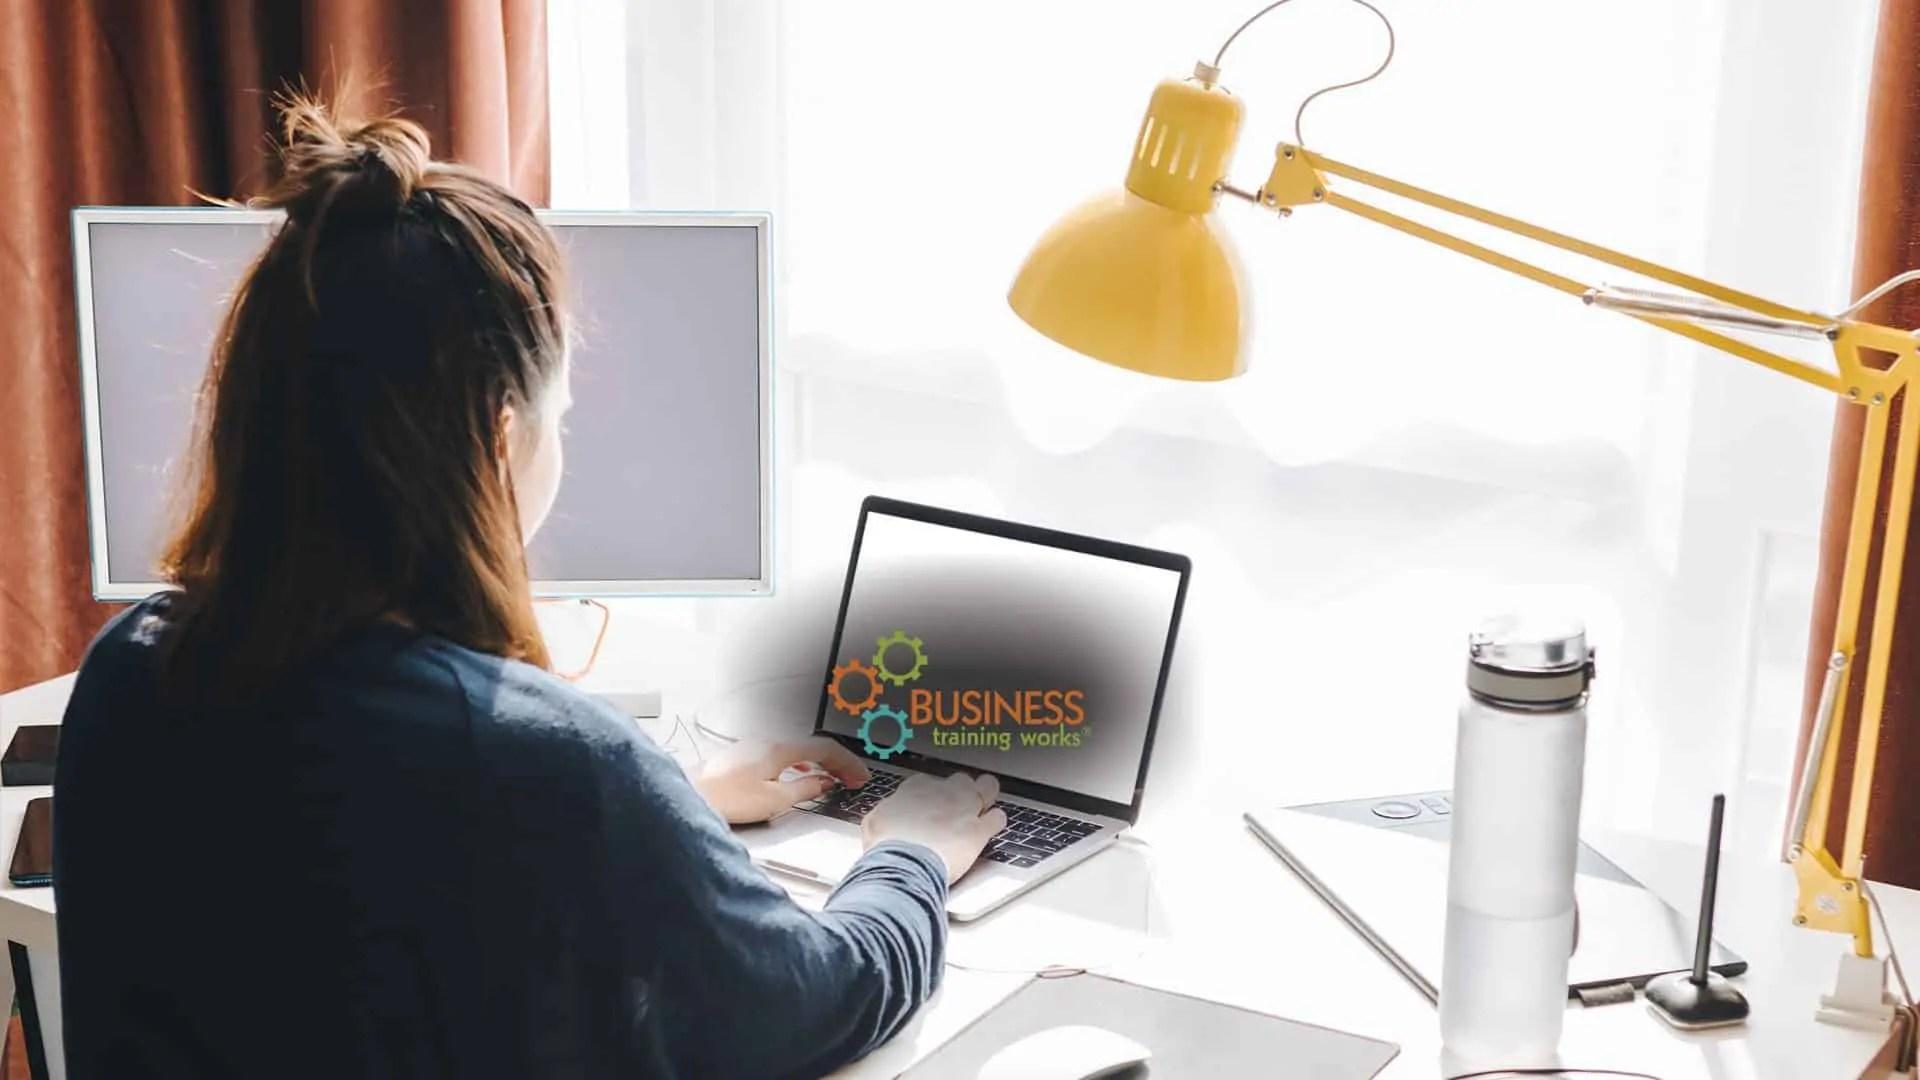 Instructor-Led Web-Based Training